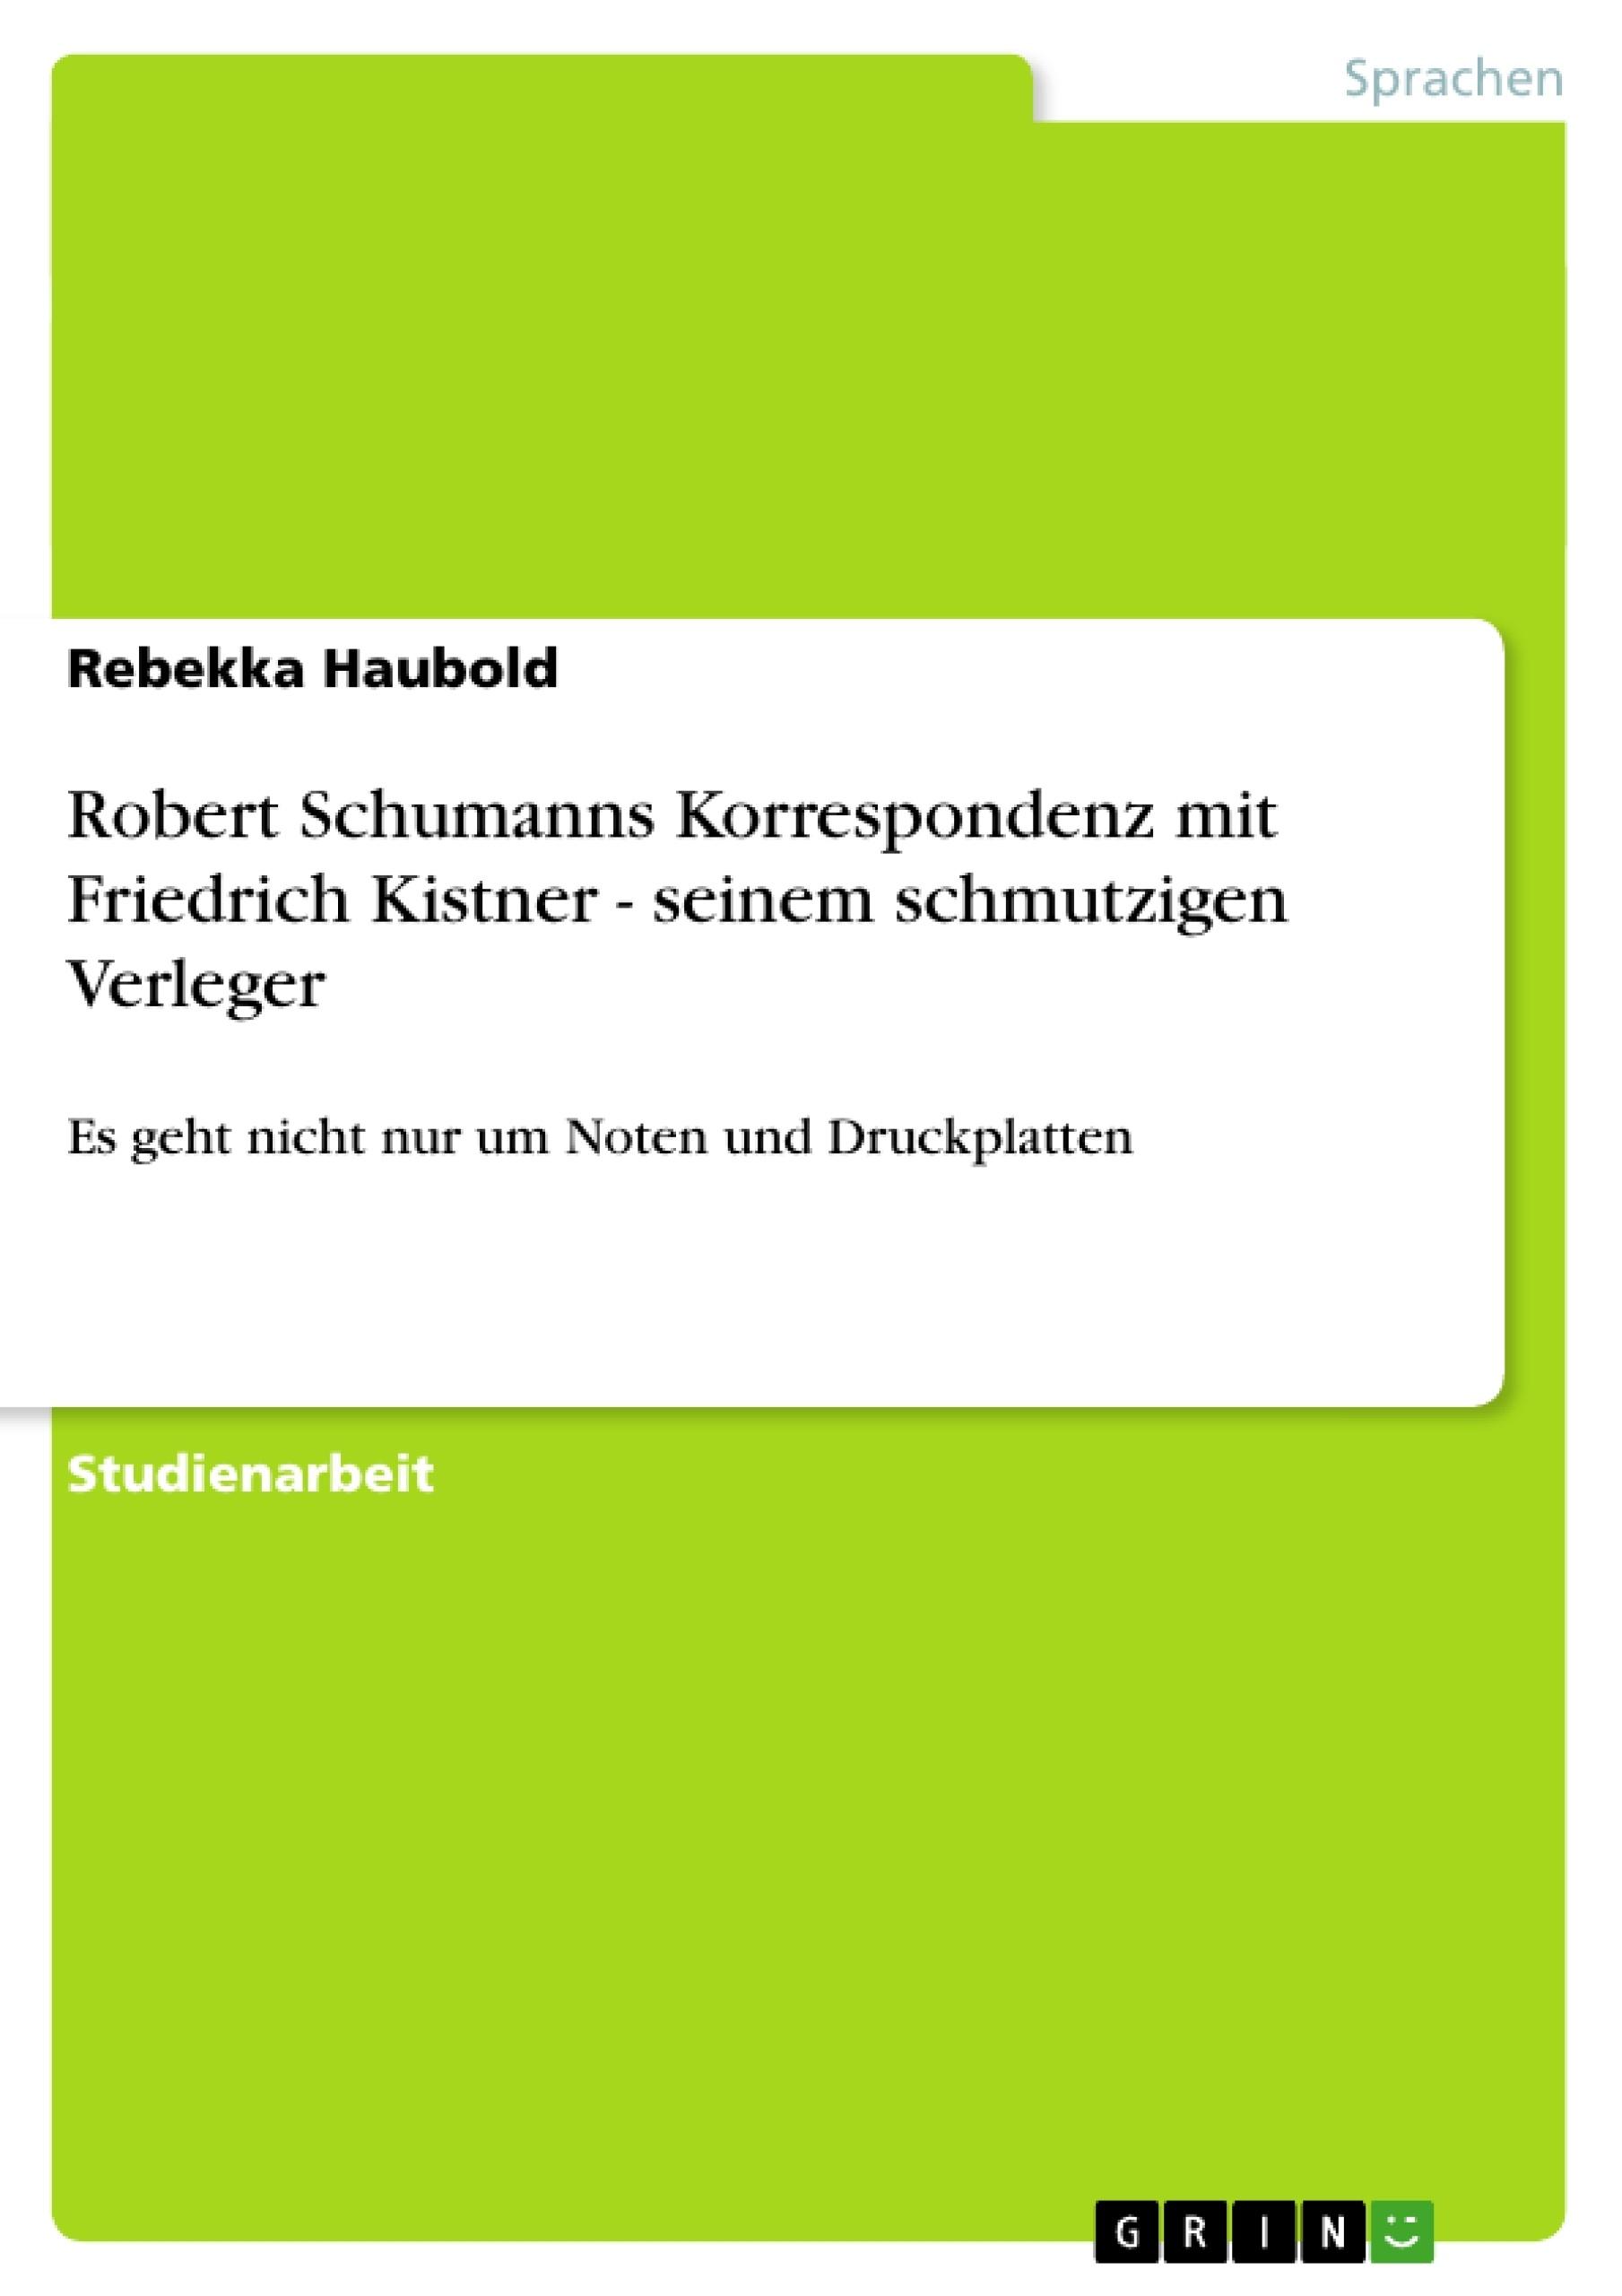 Titel: Robert Schumanns Korrespondenz mit Friedrich Kistner - seinem schmutzigen Verleger